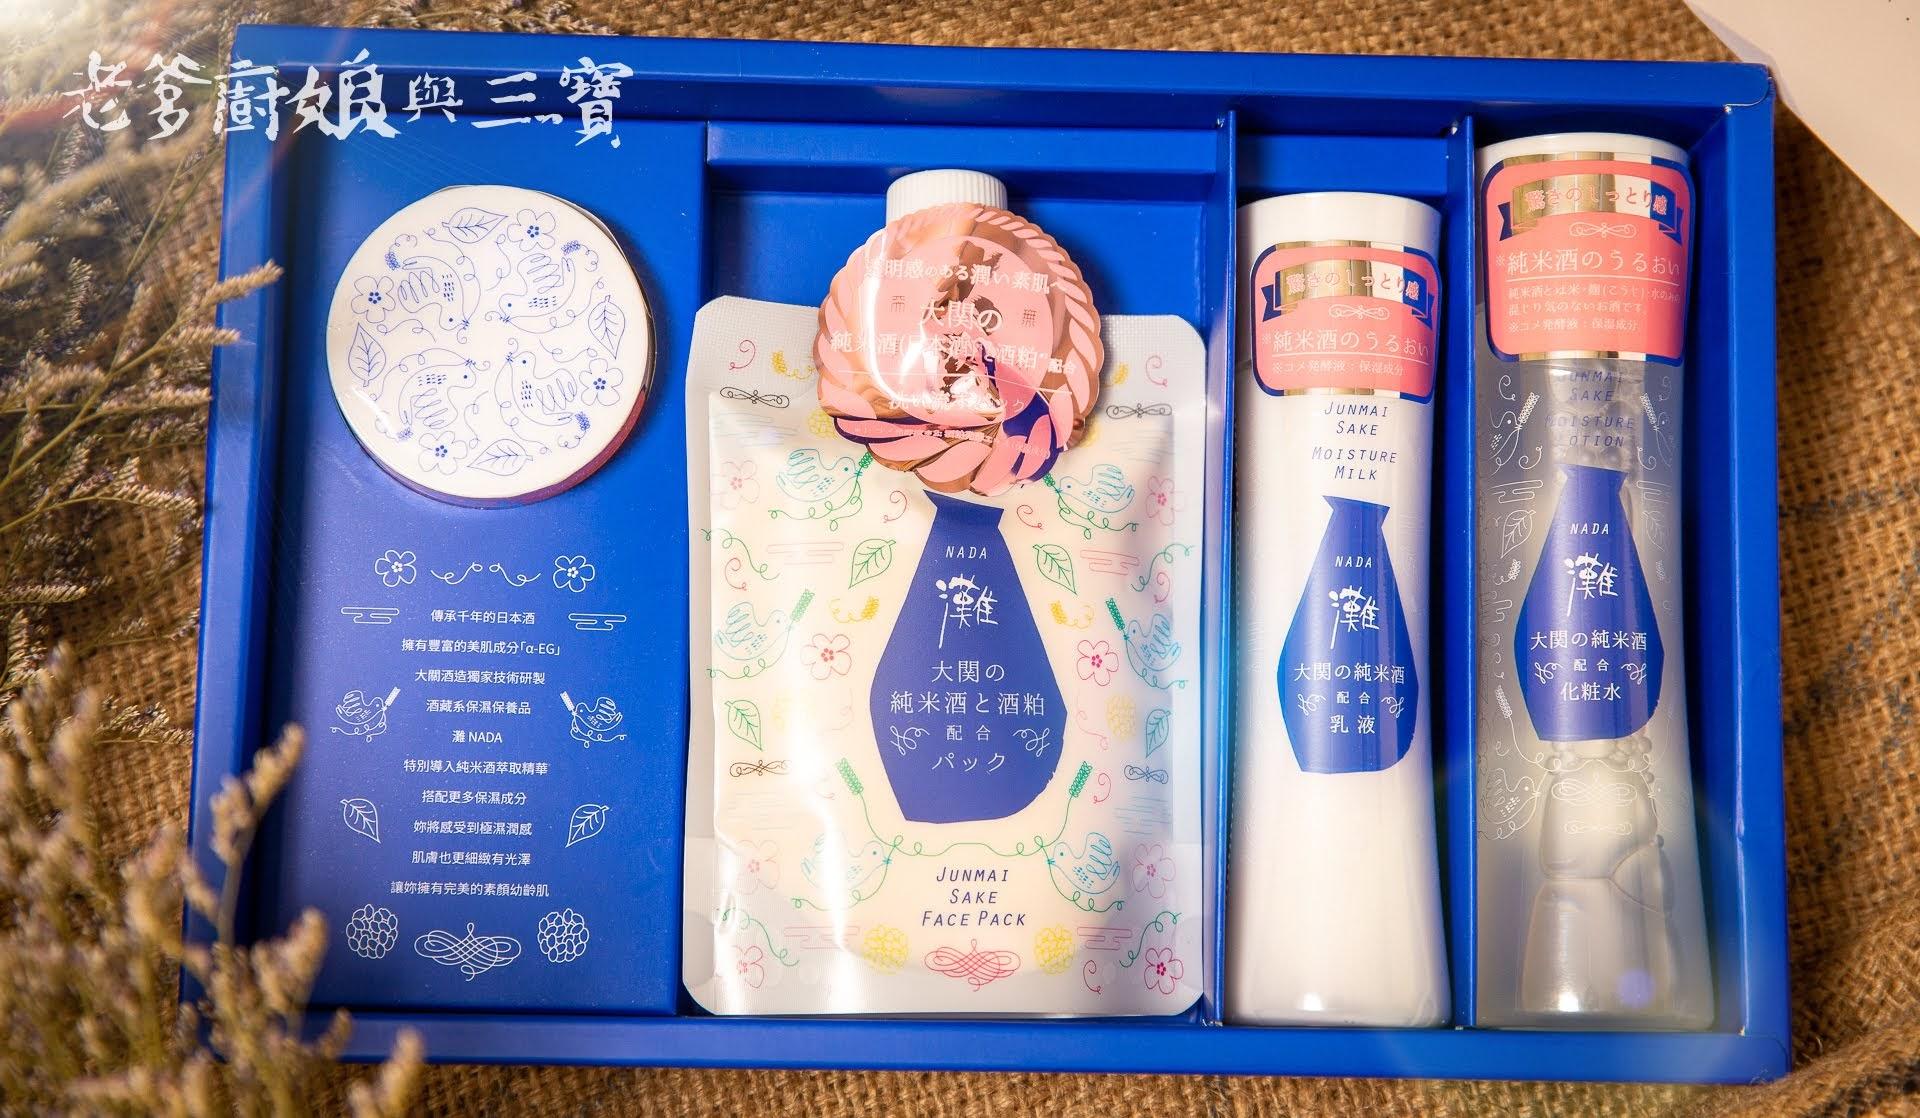 就讓酒粕萃取的精華找回我的幼齡肌膚吧!...酒藏系保養品 灘 NADA禮盒組